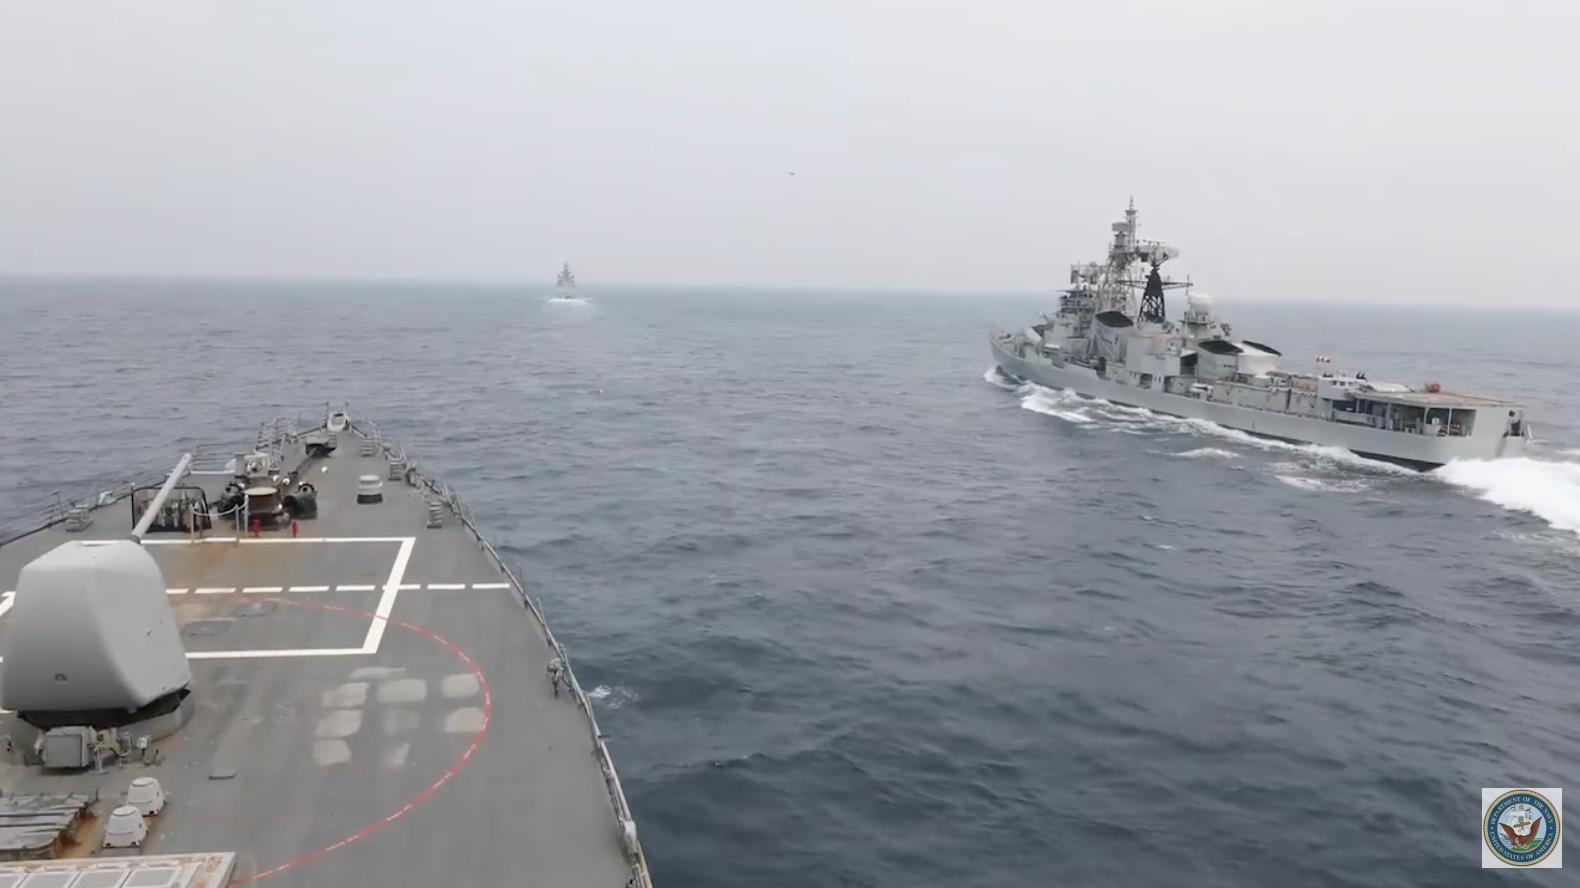 Ấn Độ điều động hải quân vào biển Đông để tập trận